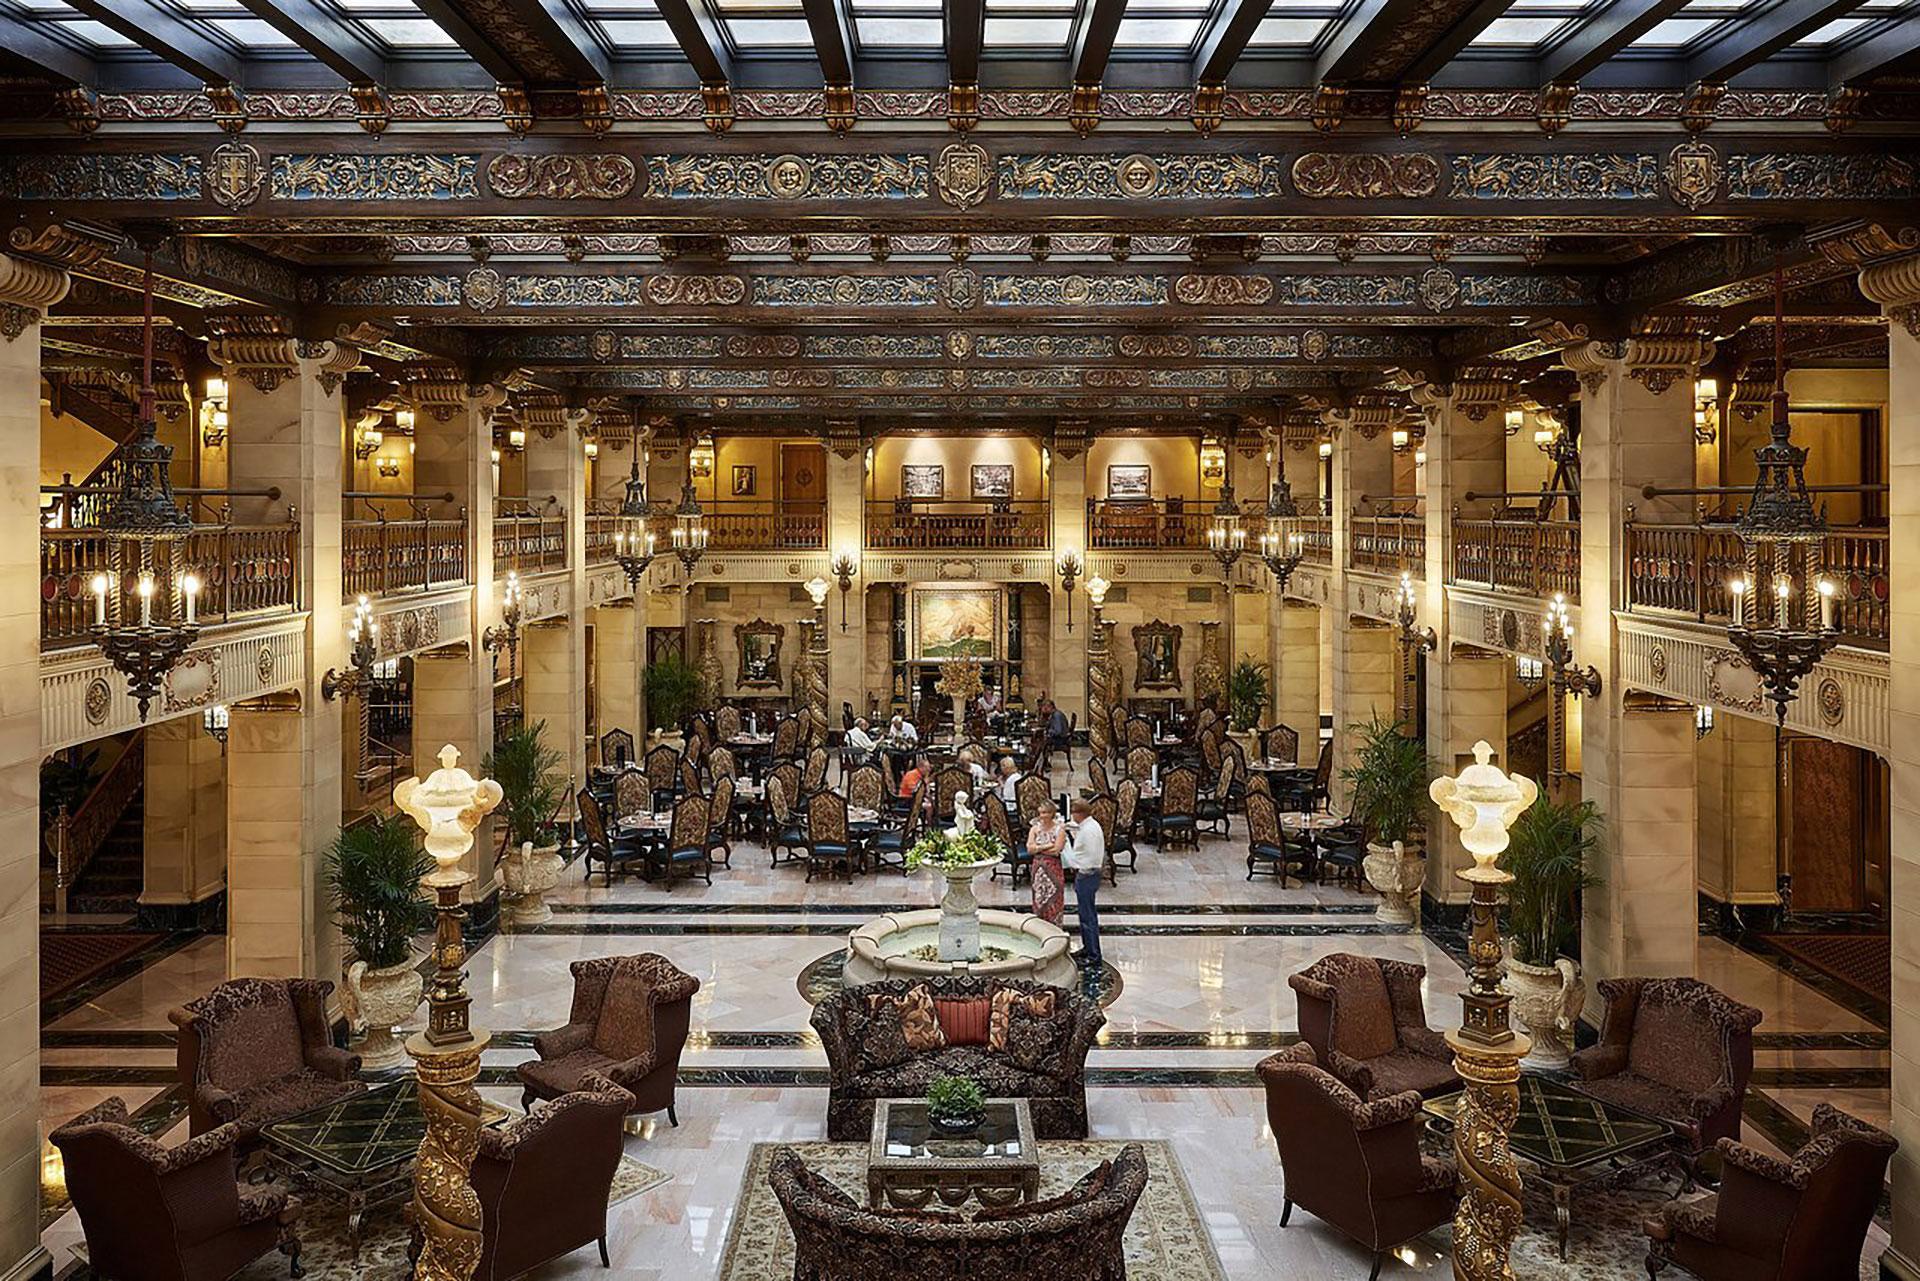 Lobby at The Historic Davenport Hotel; Courtesy of The Historic Davenport Hotel